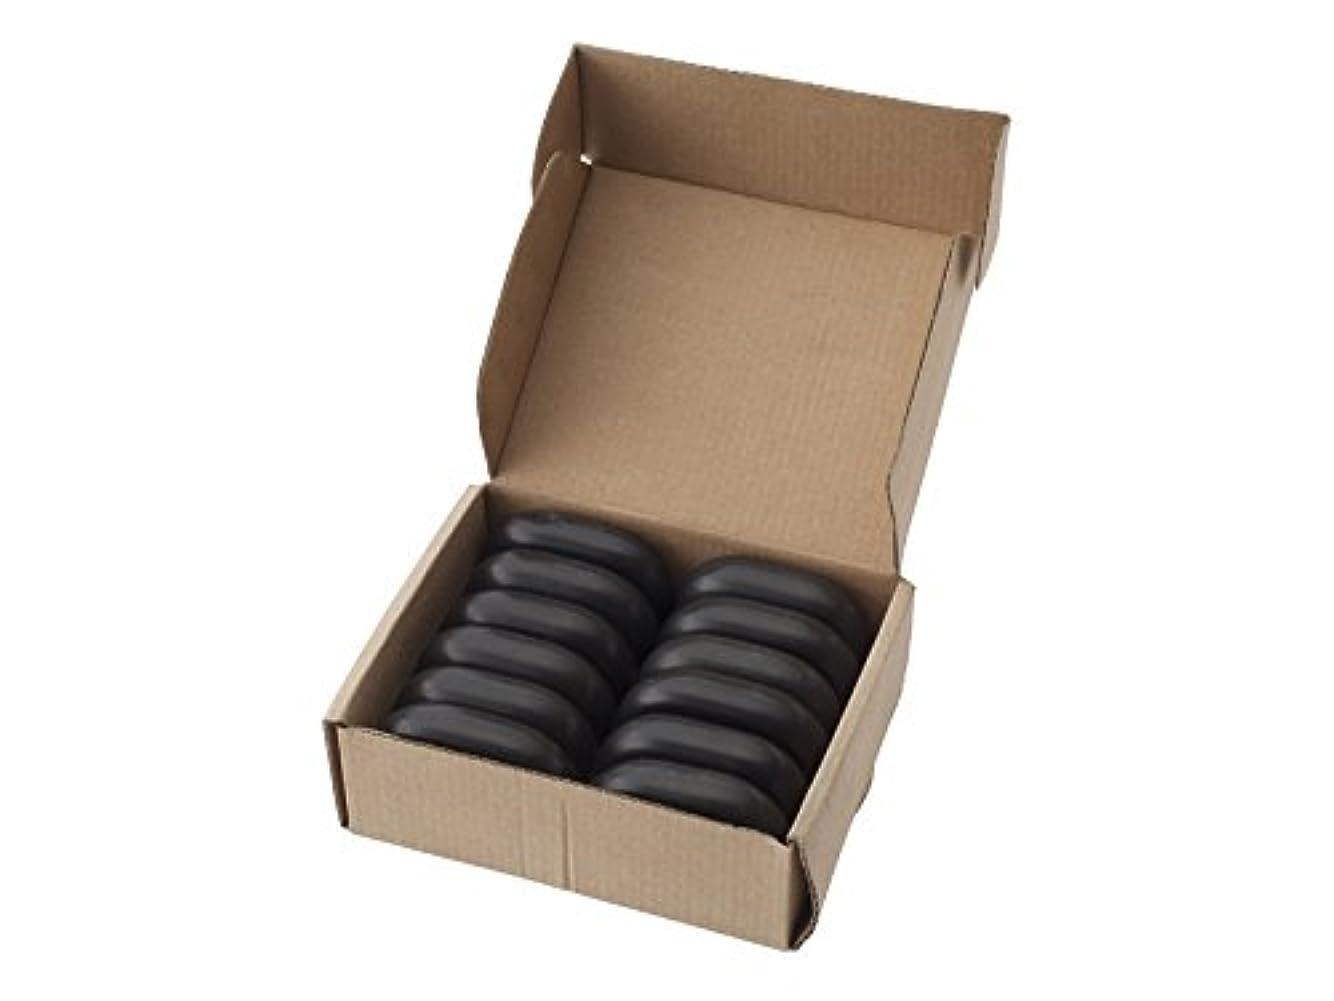 セットする不利益不利益玄武岩 ホットストーン 中型(約6.5cm×約4.5cm×約1.7cm )12個セット